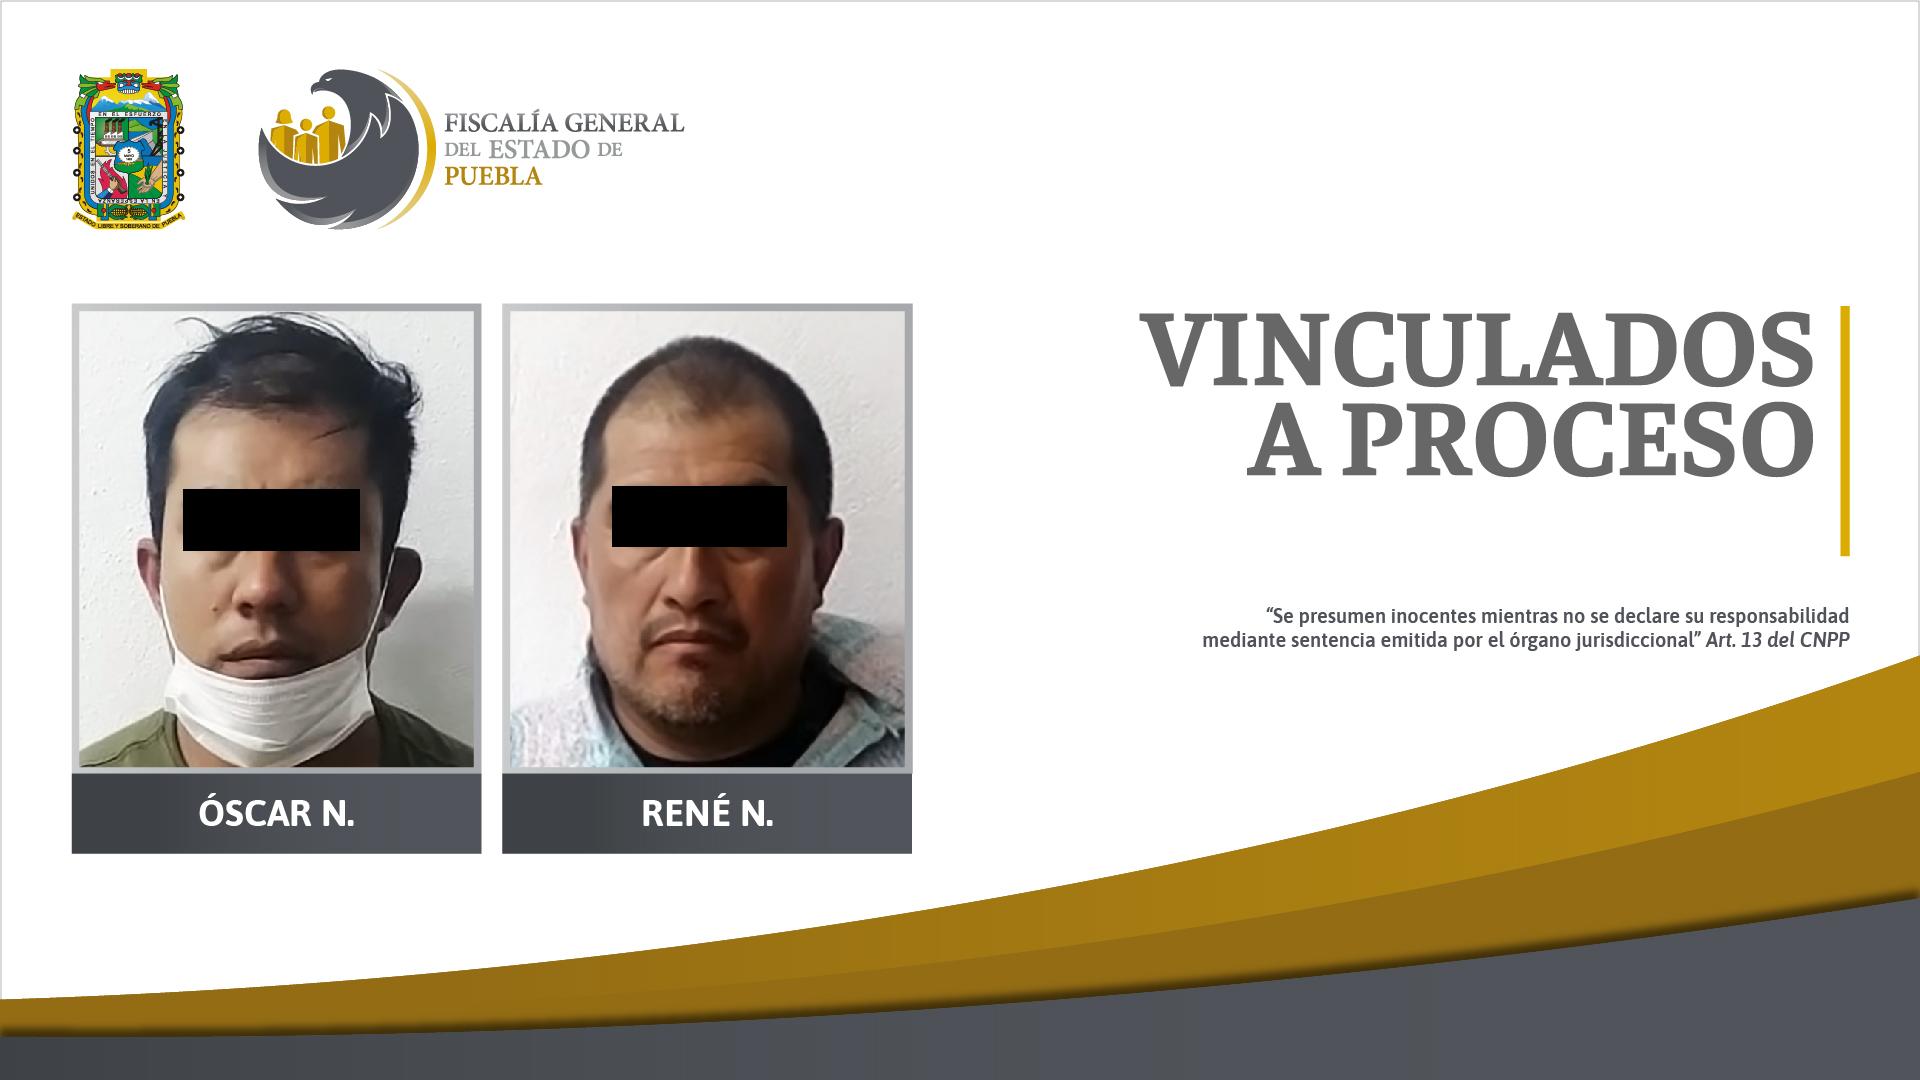 VaP Óscar René N